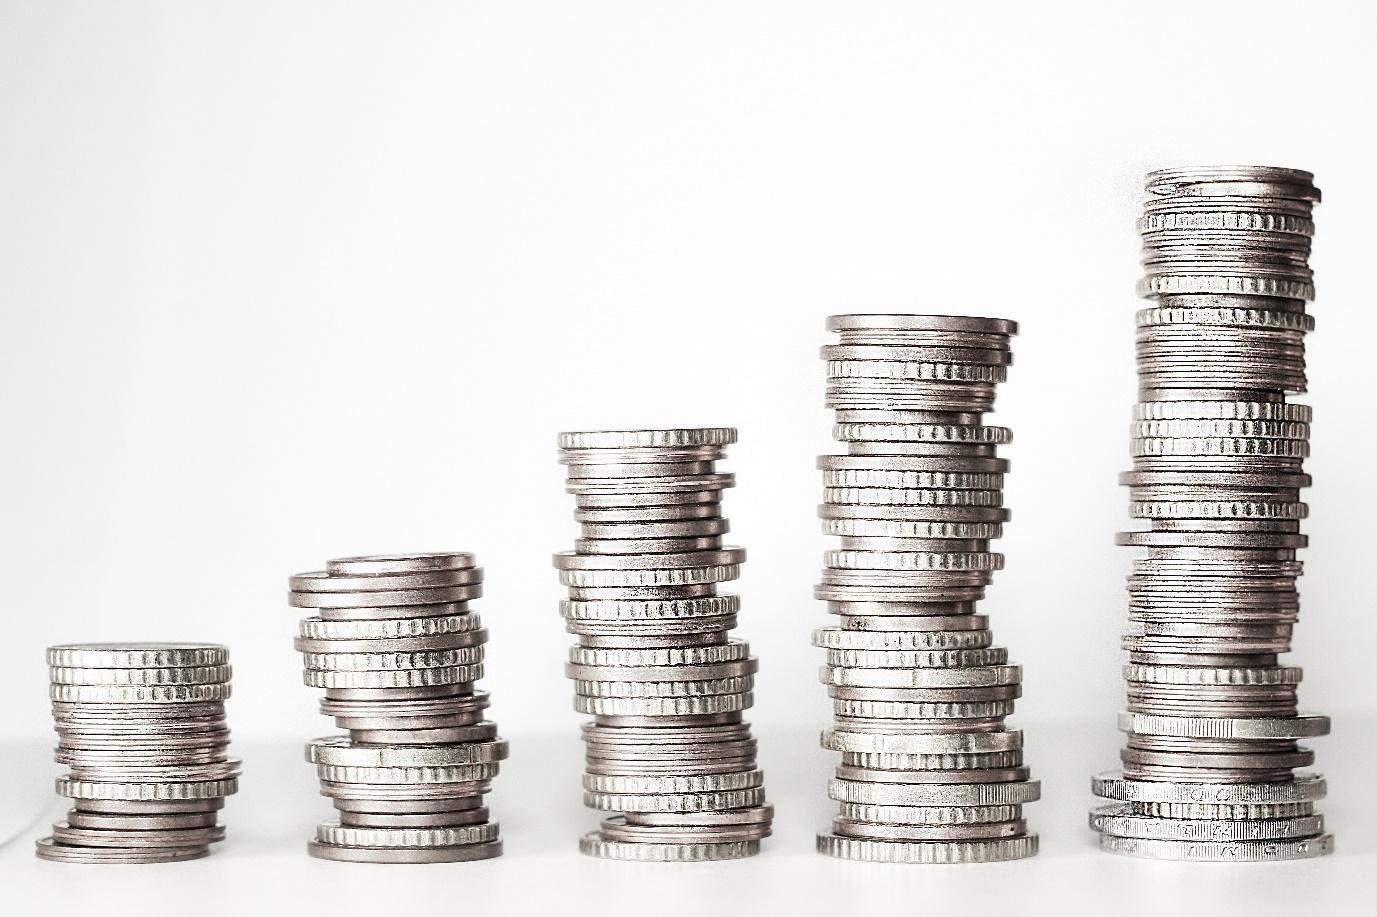 fünf Stapel mit silbernen Münzen vor weißem Hintergrund